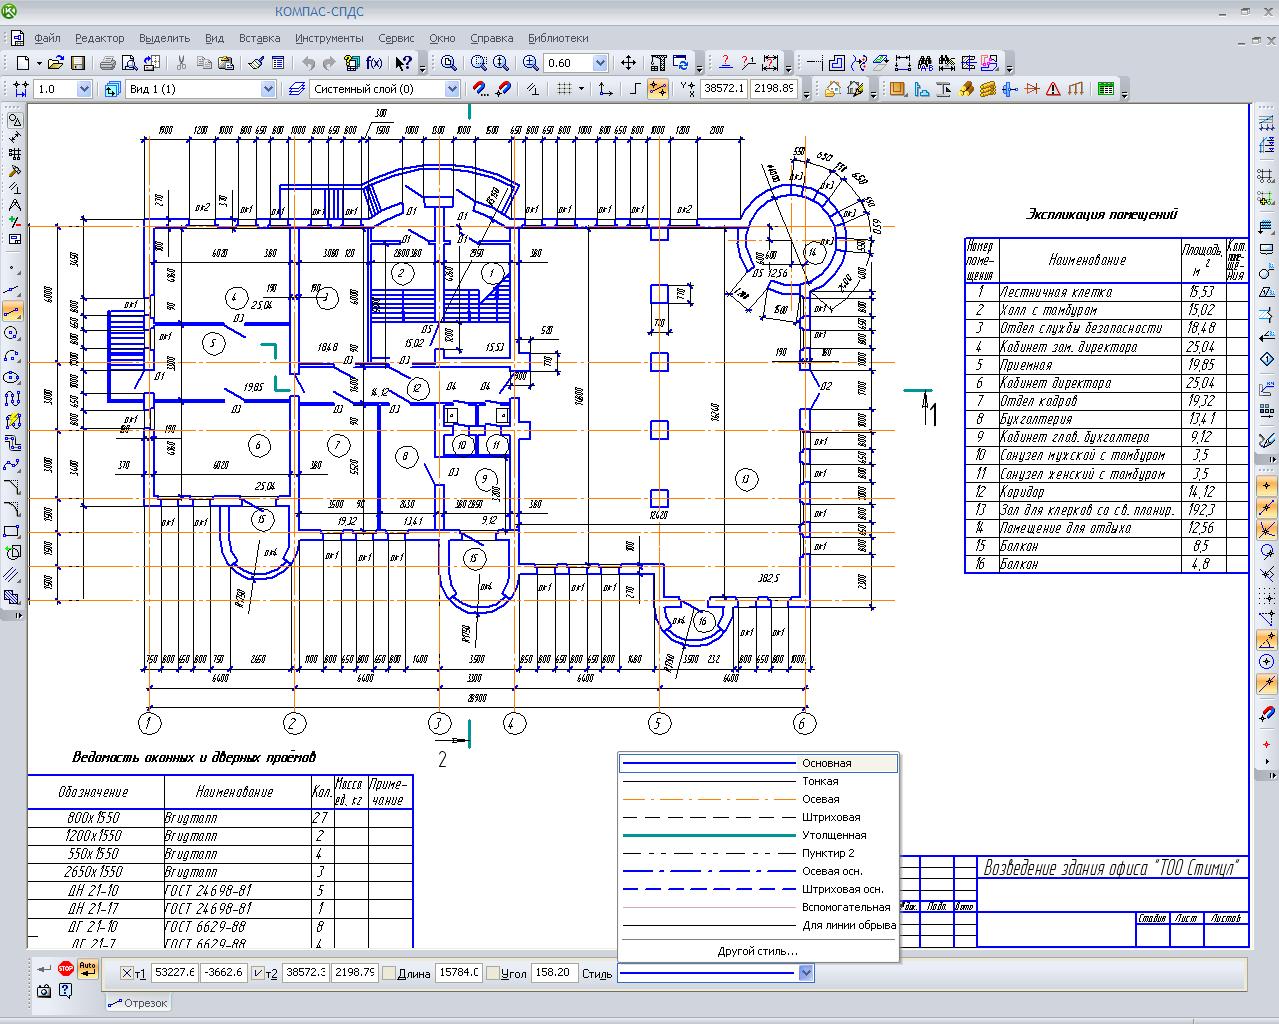 Программа для рисования эл схем с готовыми шаблонами элпроводников